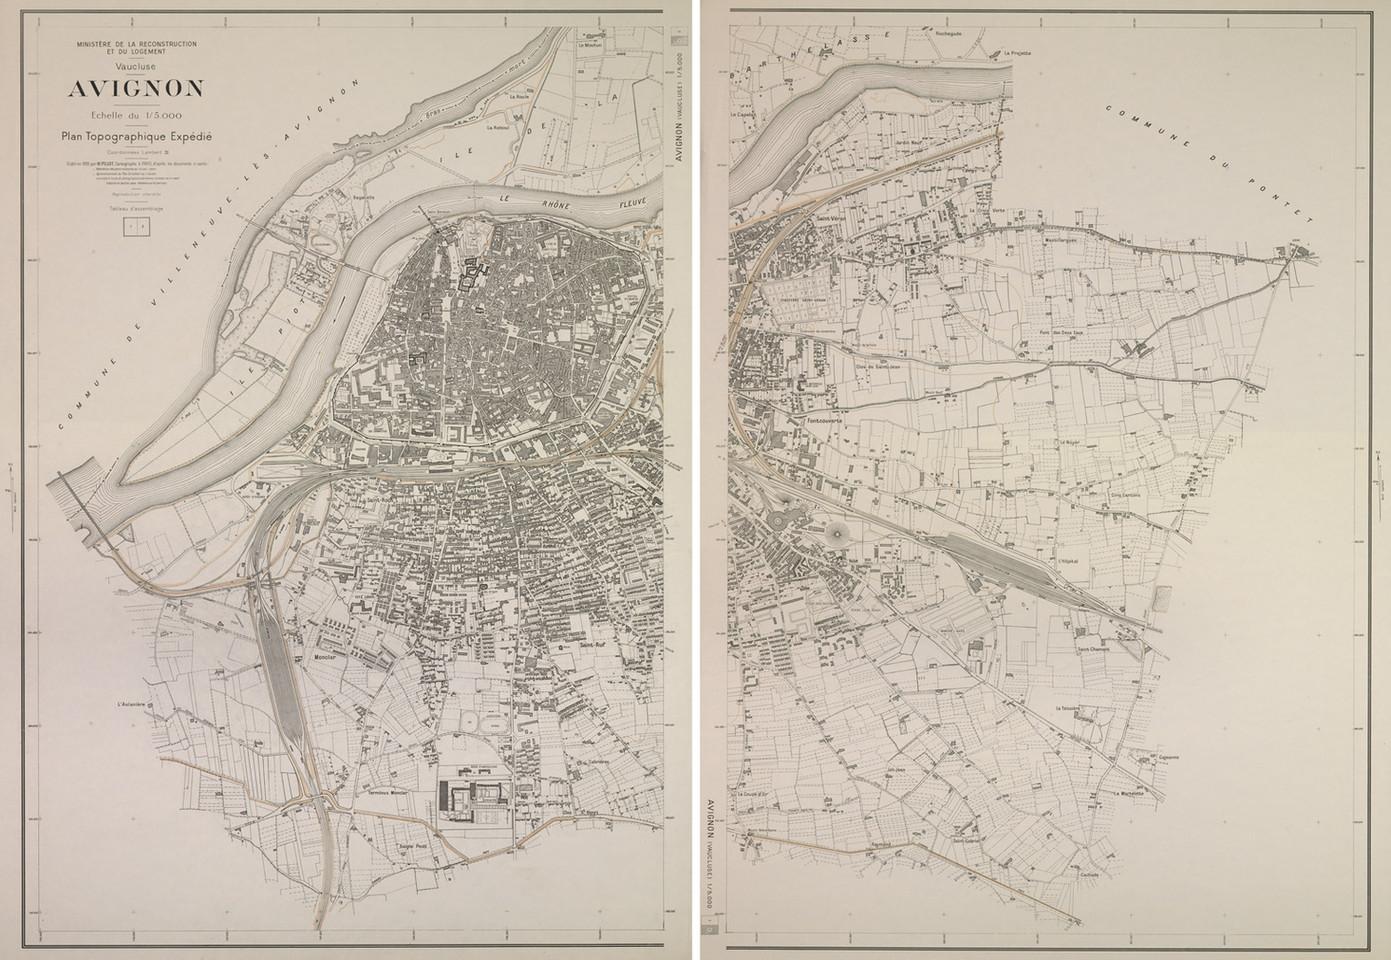 1959 – Plan topographique du ministère de la Reconstruction en deux feuilles